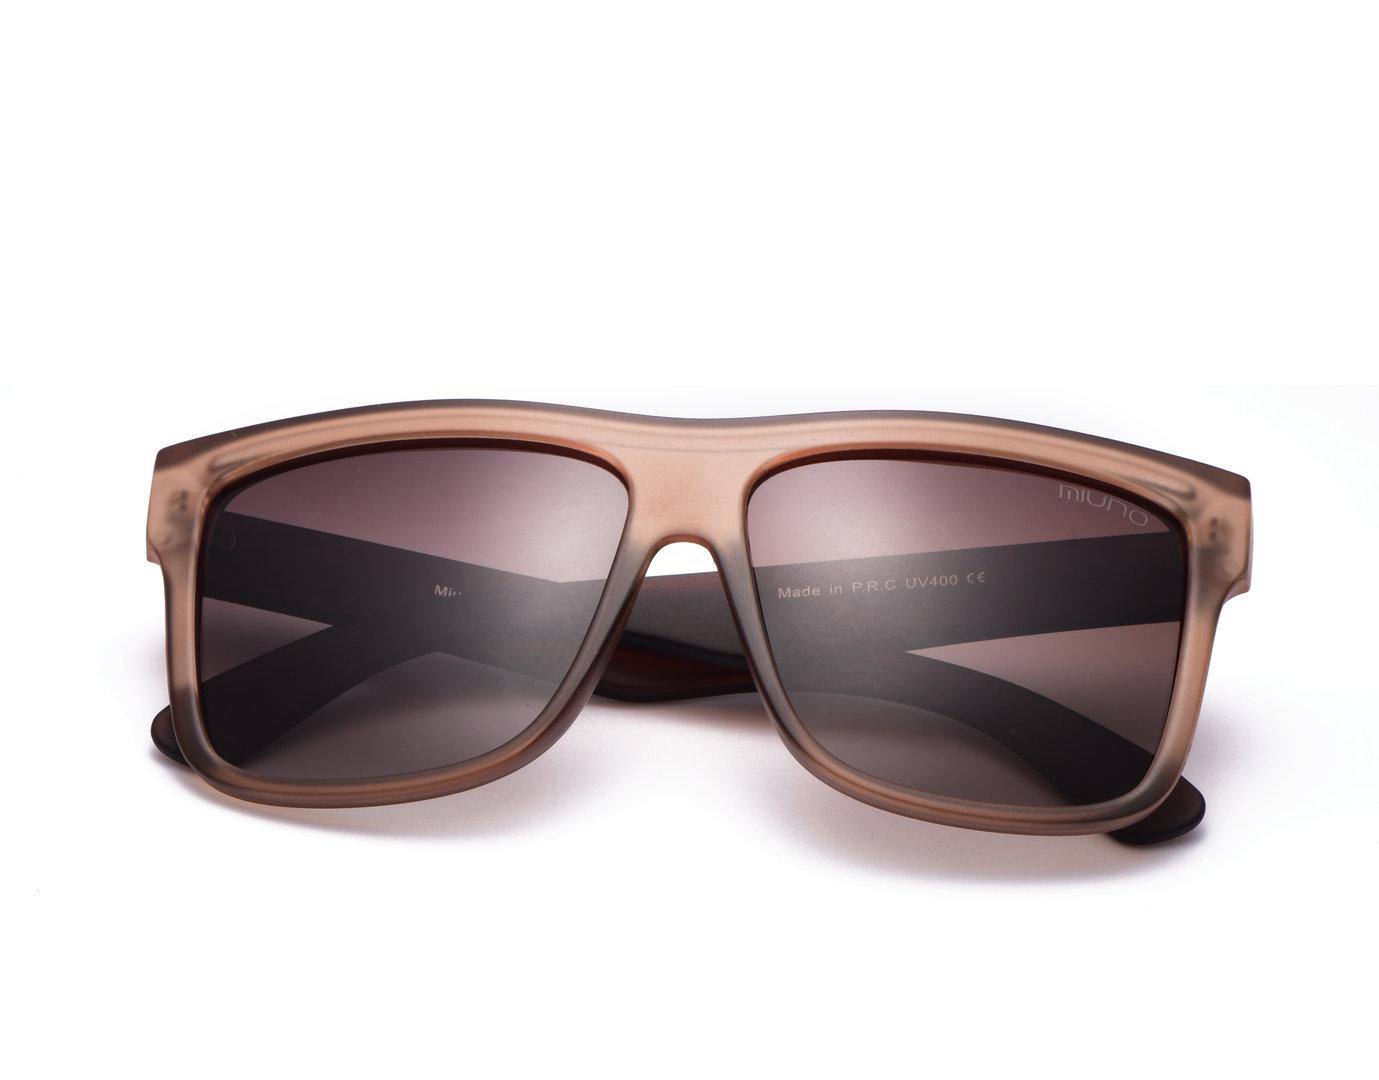 miuno sonnenbrille polarisiert unisex wayfarer matt polarized geschenkbox brillentuch 1018. Black Bedroom Furniture Sets. Home Design Ideas